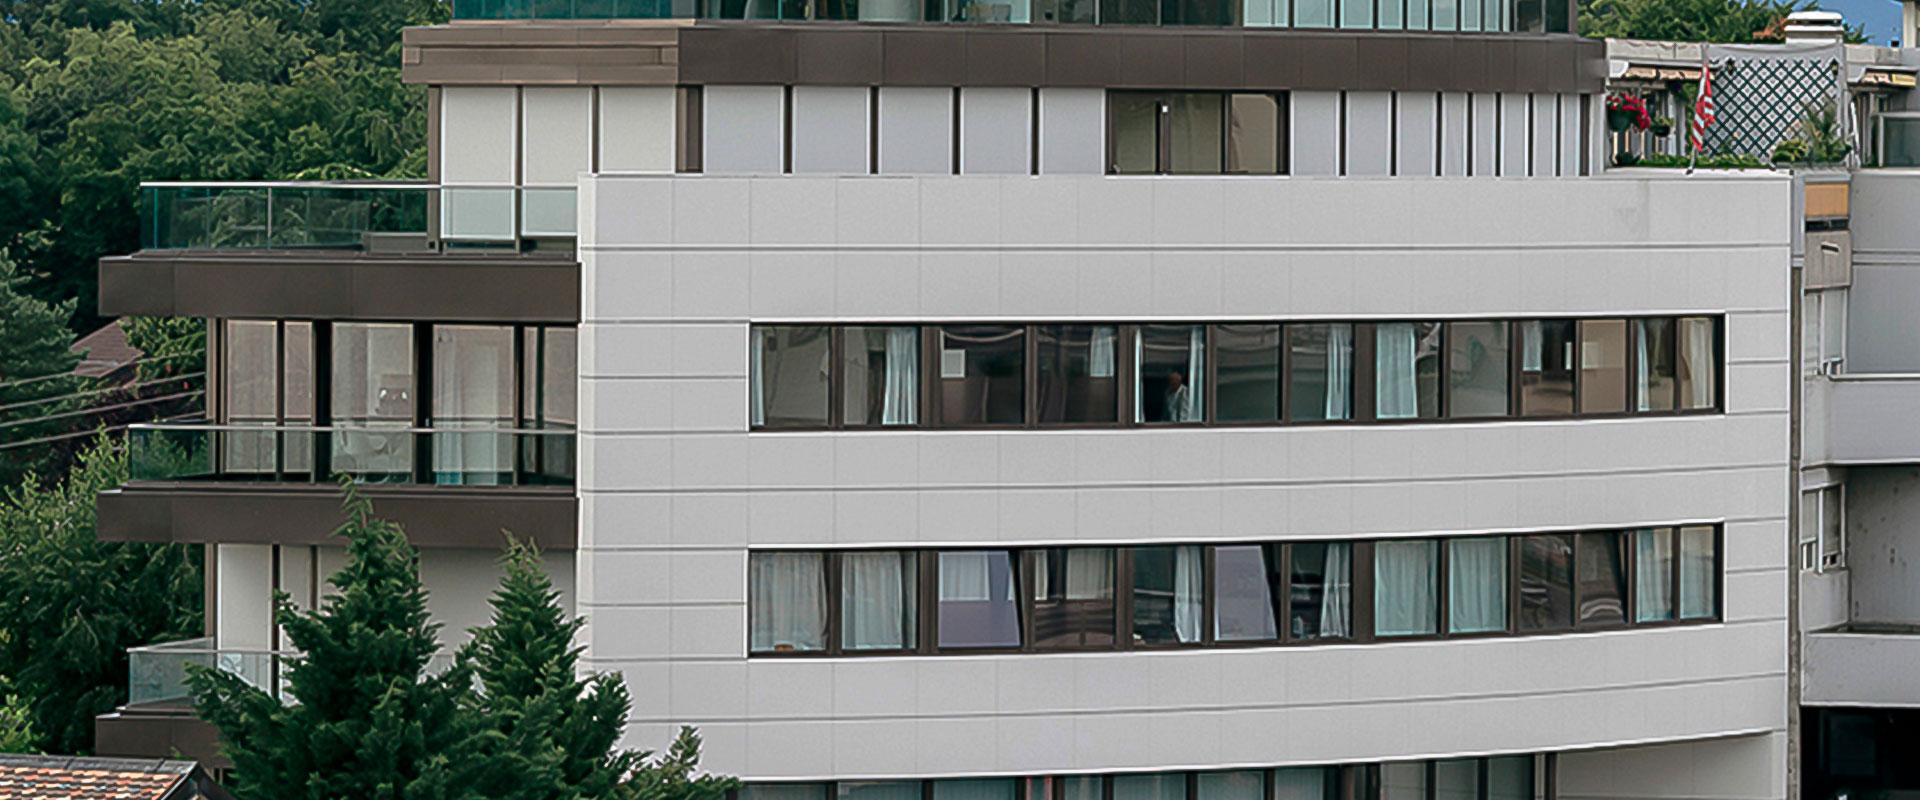 AGGLOTECH-progetto-centro-direzionale-svizzera-slider-3